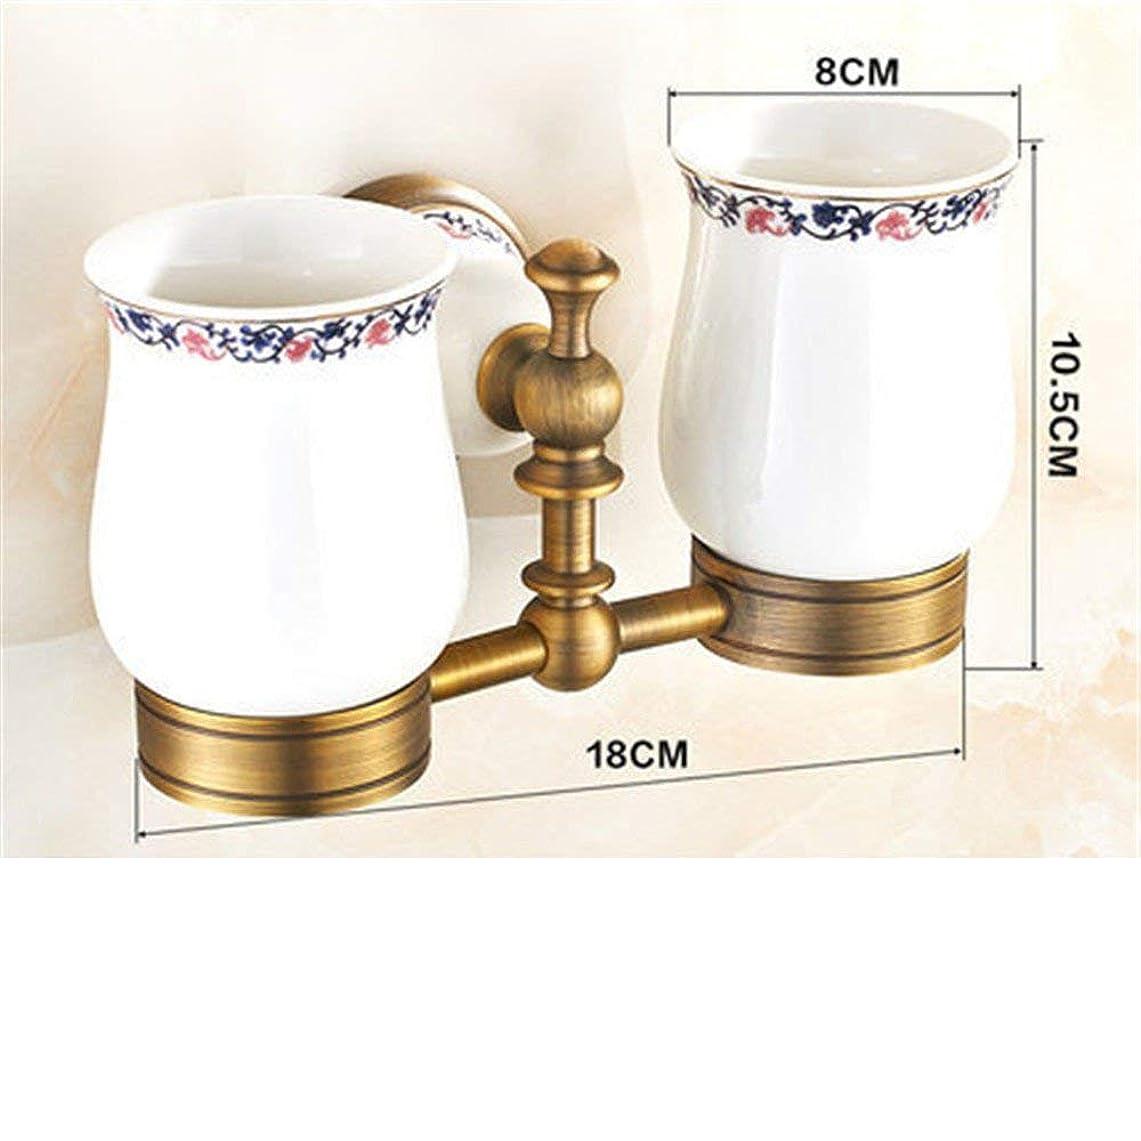 規定名目上の詐欺師タオル掛けハンガー トイレットペーパーホルダーのためのアンティーク真鍮古典的なヨーロッパスタイルのタオル掛け浴室タオル掛けマウントキット 家庭用バスルーム (色 : Toothbrush Cup)